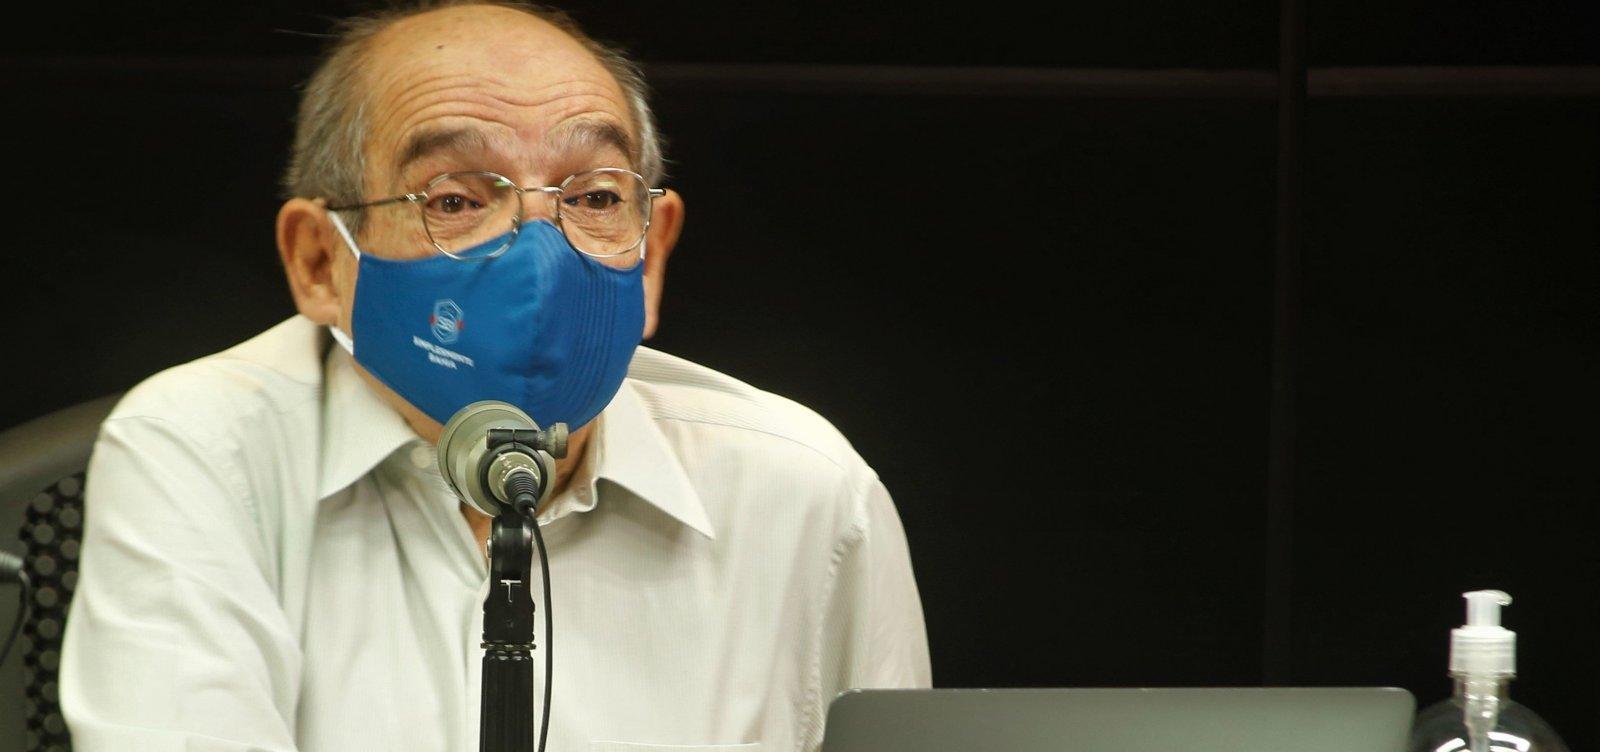 MK questiona posição do DEM diante de possível apoio a Bolsonaro; ouça